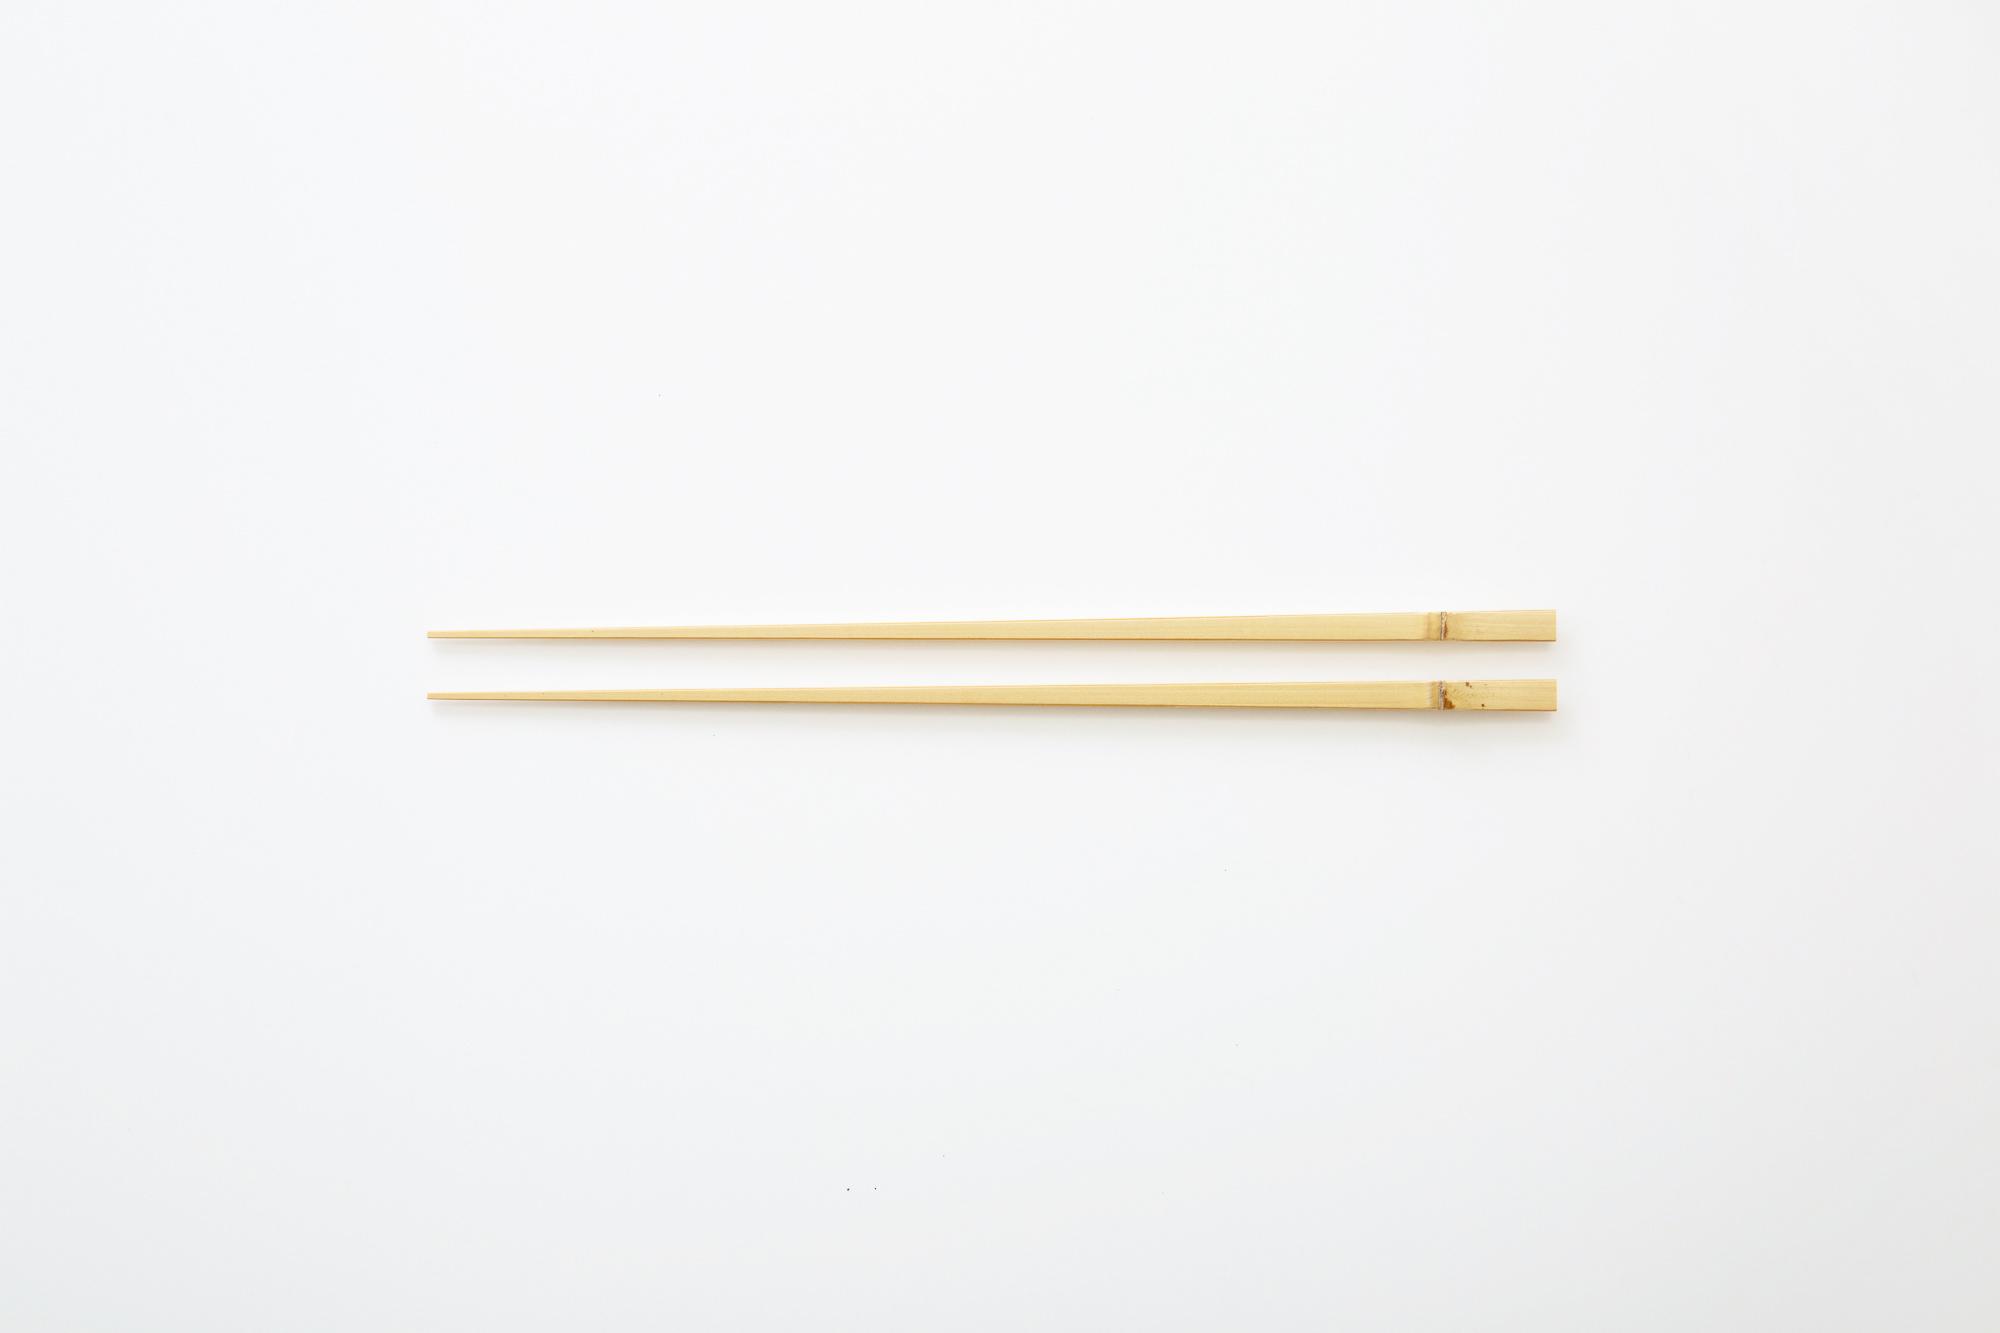 取り箸-28